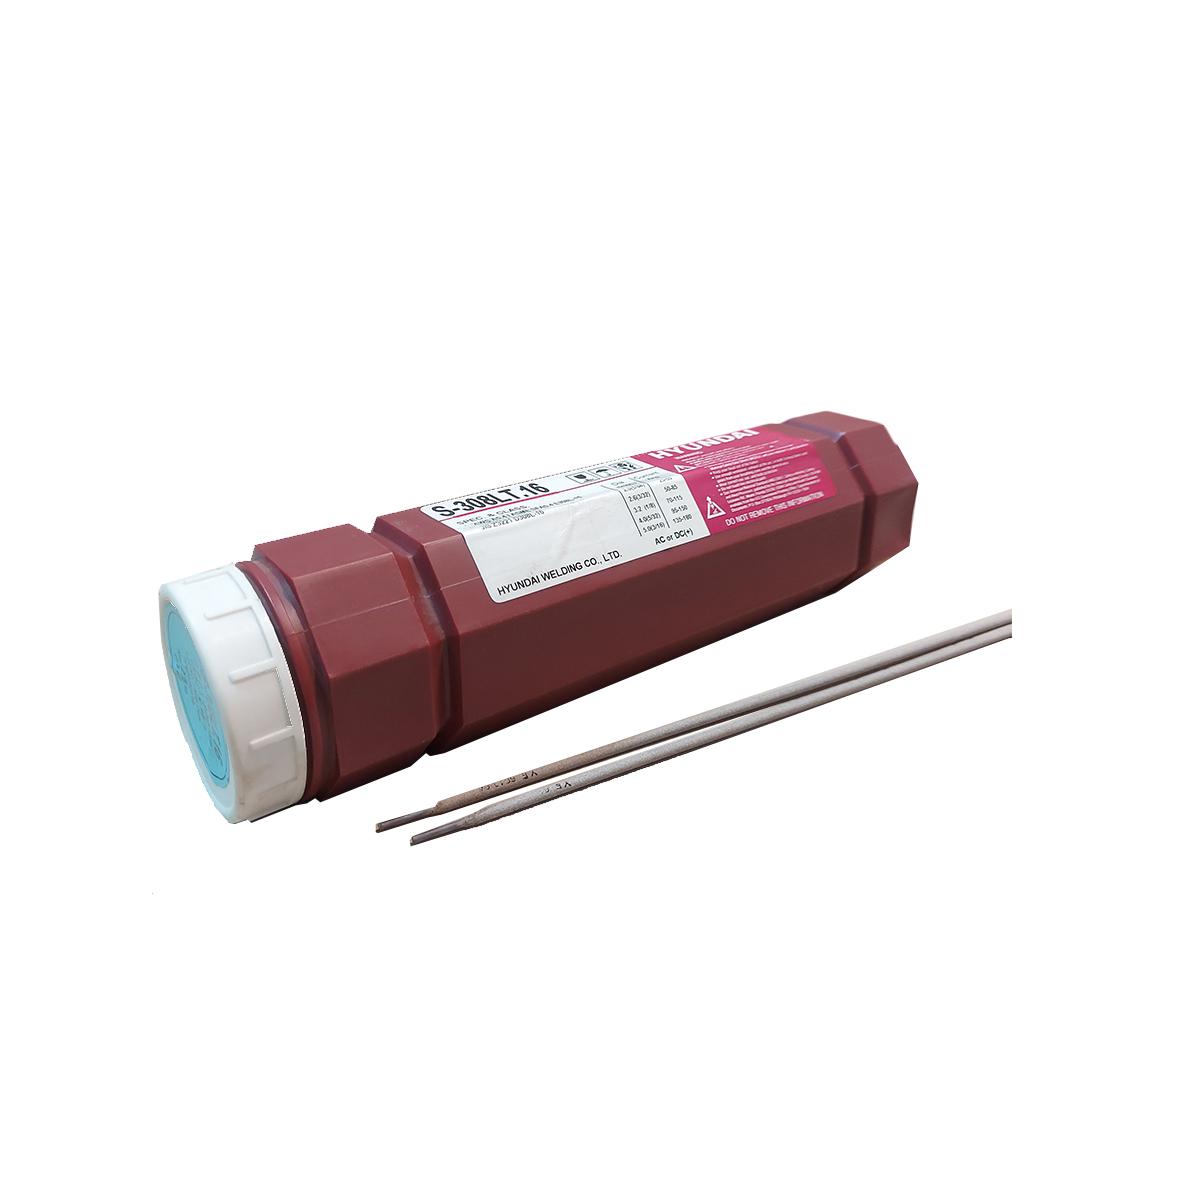 الکترود ۳۰۸ هیوندا